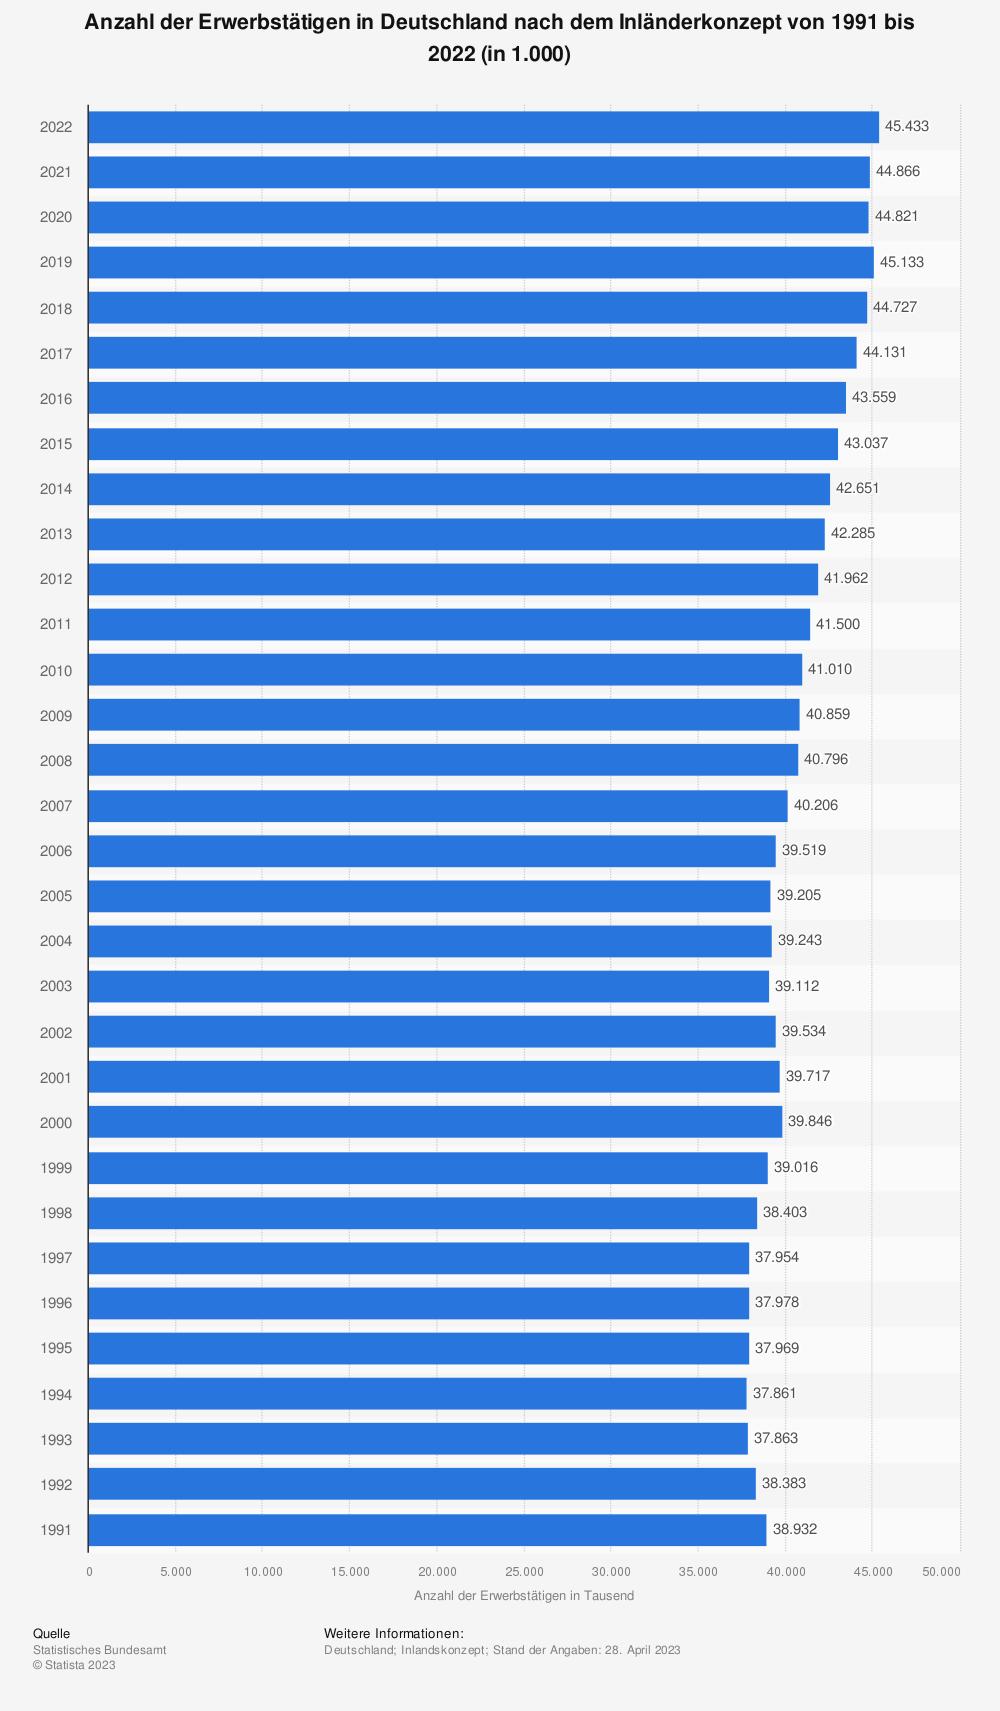 Statistik: Anzahl der Erwerbstätigen in Deutschland nach dem Inländerkonzept von 1991 bis 2020 (in 1.000) | Statista